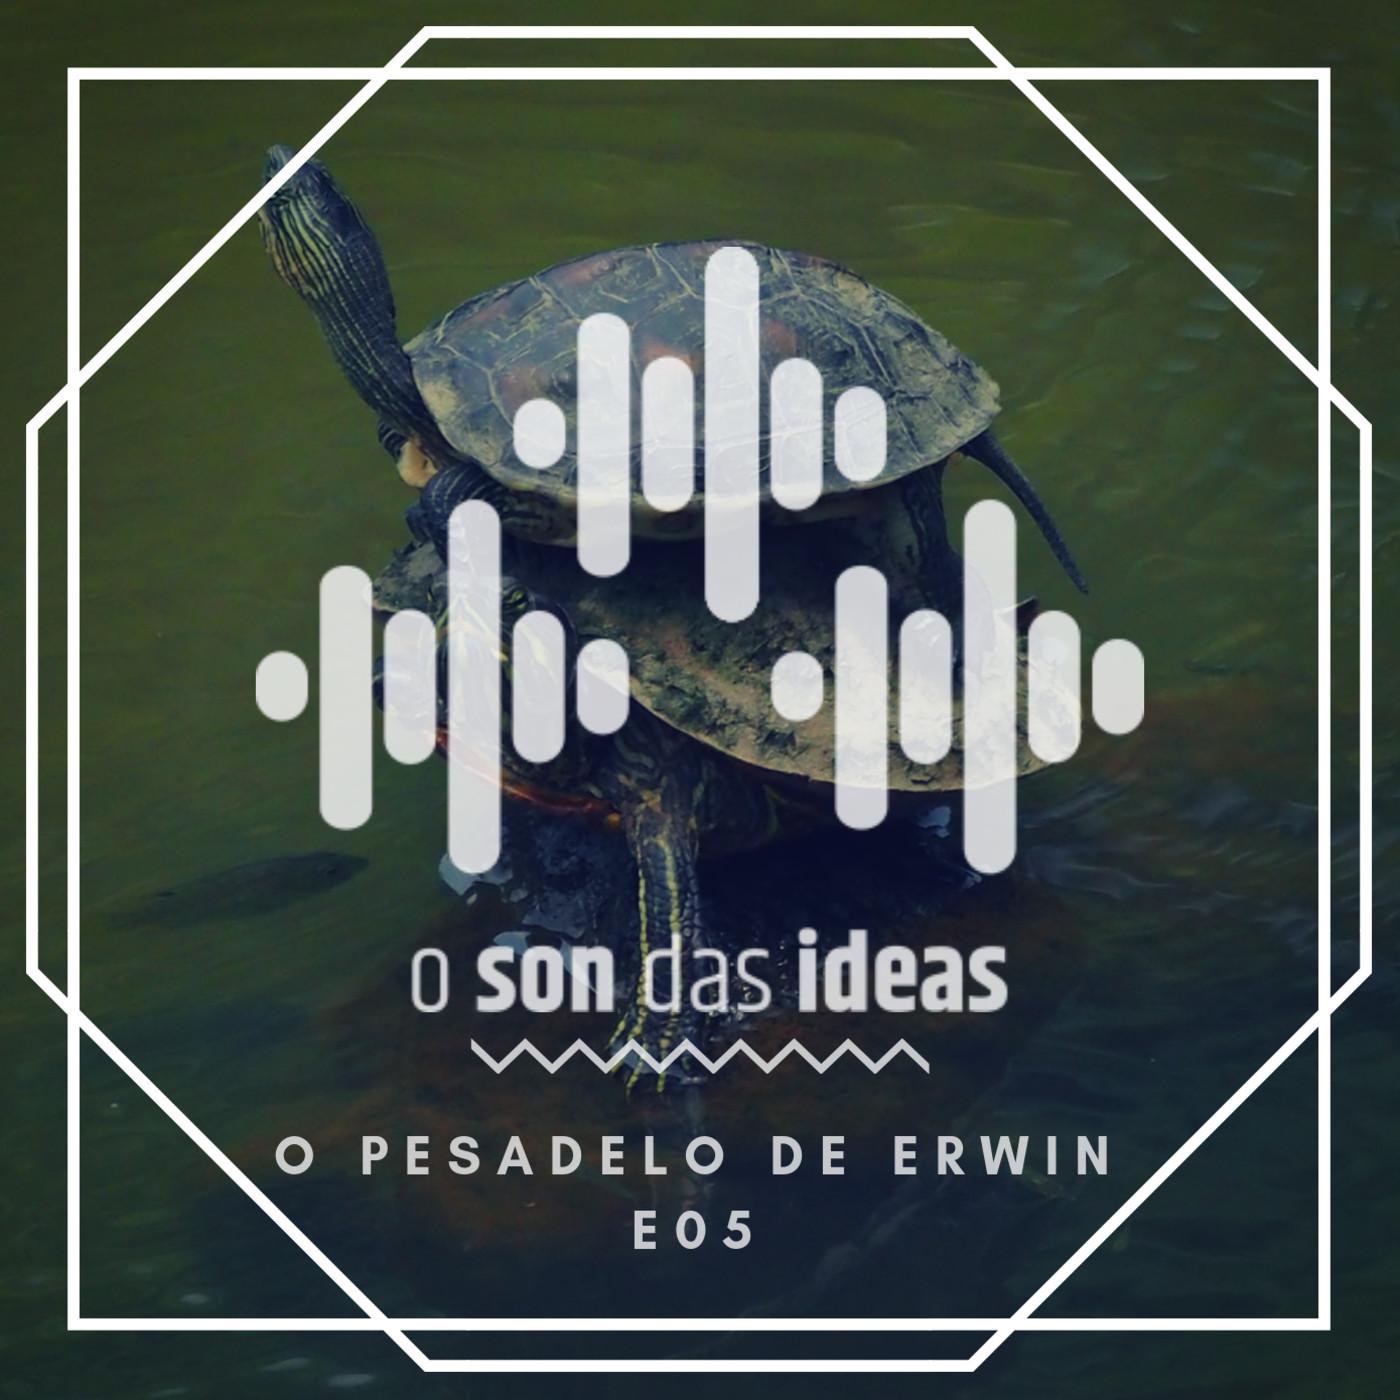 O Son das Ideas – E05 – O pesadelo de Erwin